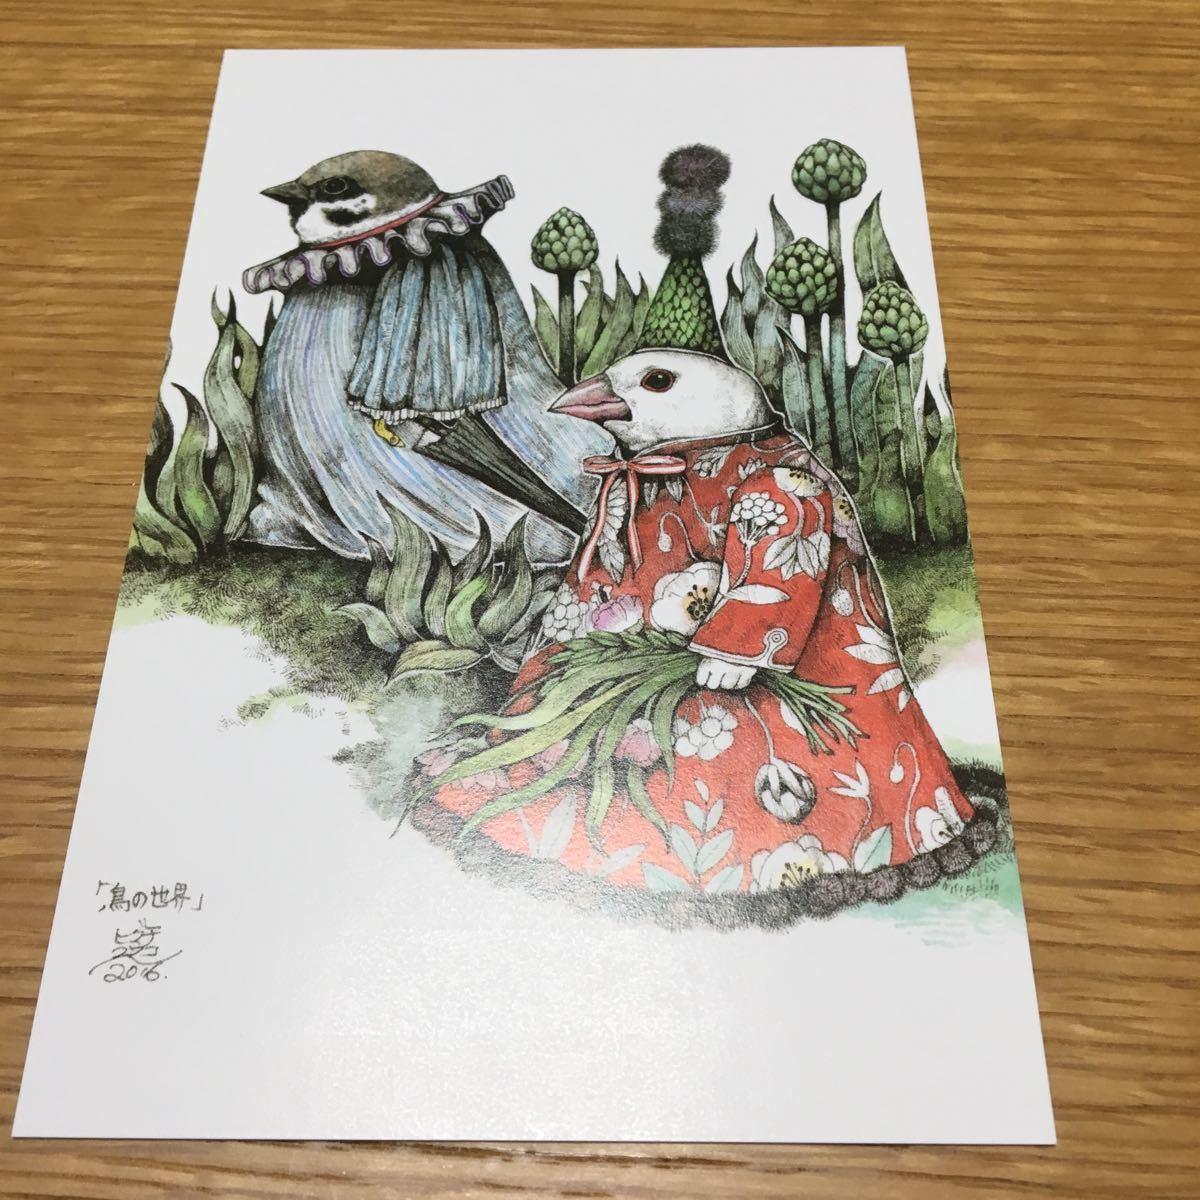 ヒグチユウコ ネコ ポストカード 葉書 ハガキ はがき メッセージカード 猫 ねこ 動物 51_画像1